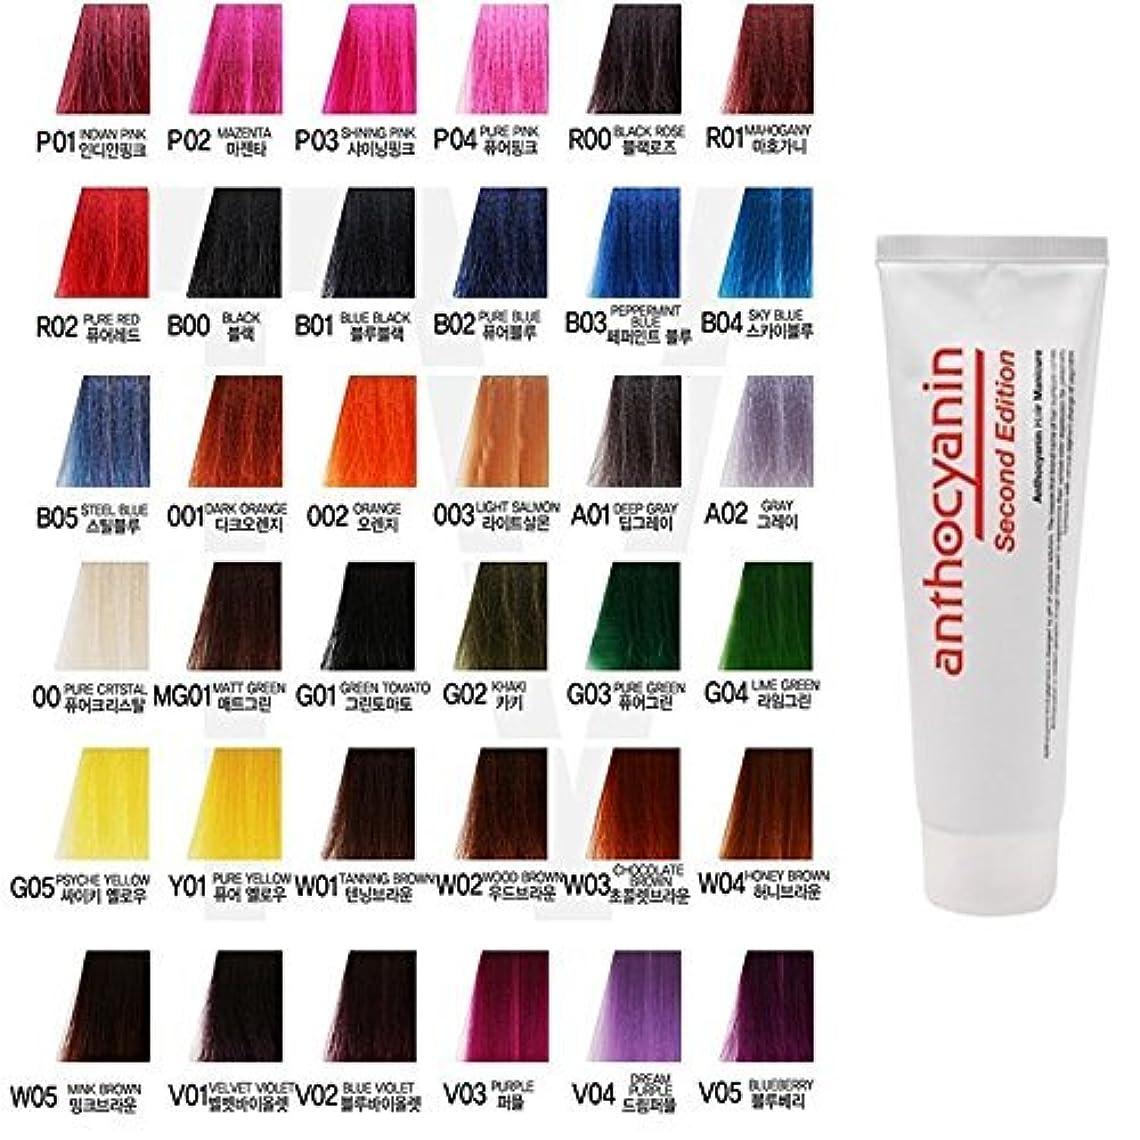 お茶お手伝いさん答えヘア マニキュア カラー セカンド エディション 230g セミ パーマネント 染毛剤 ( Hair Manicure Color Second Edition 230g Semi Permanent Hair Dye) [並行輸入品] (O02 Orange)